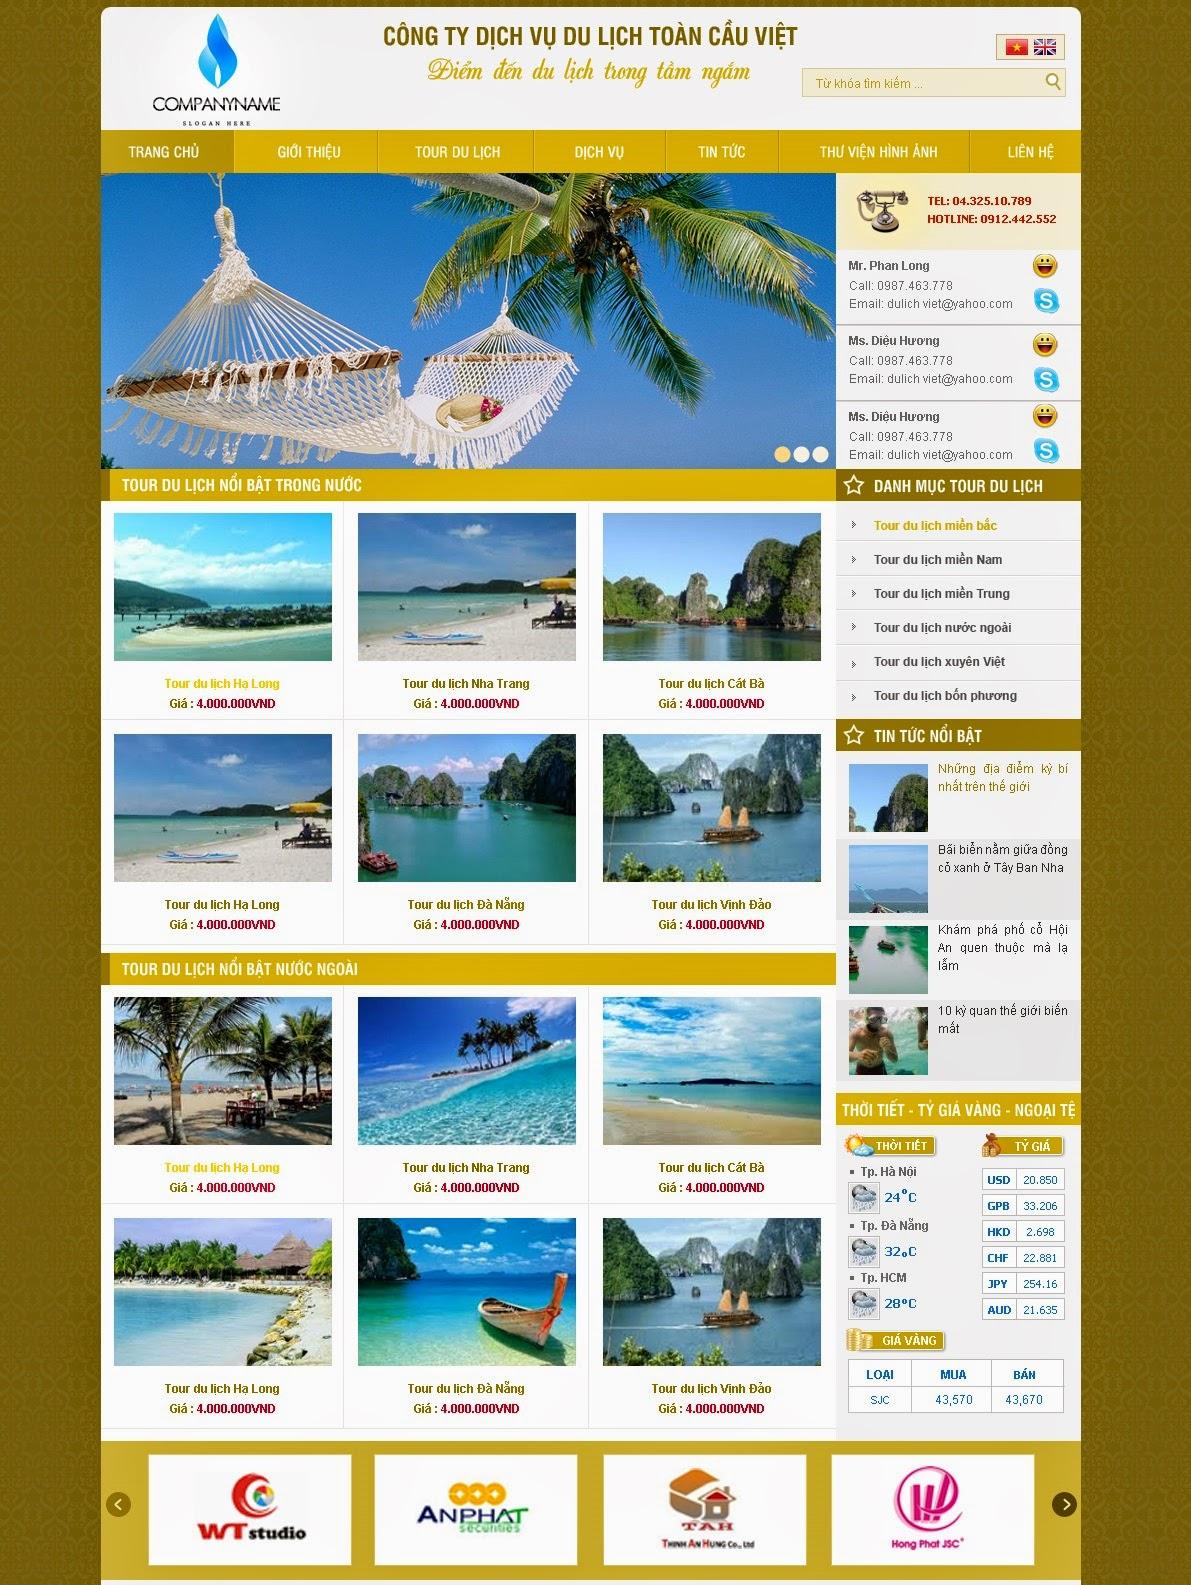 thiết kế web du lịch giá rẻ